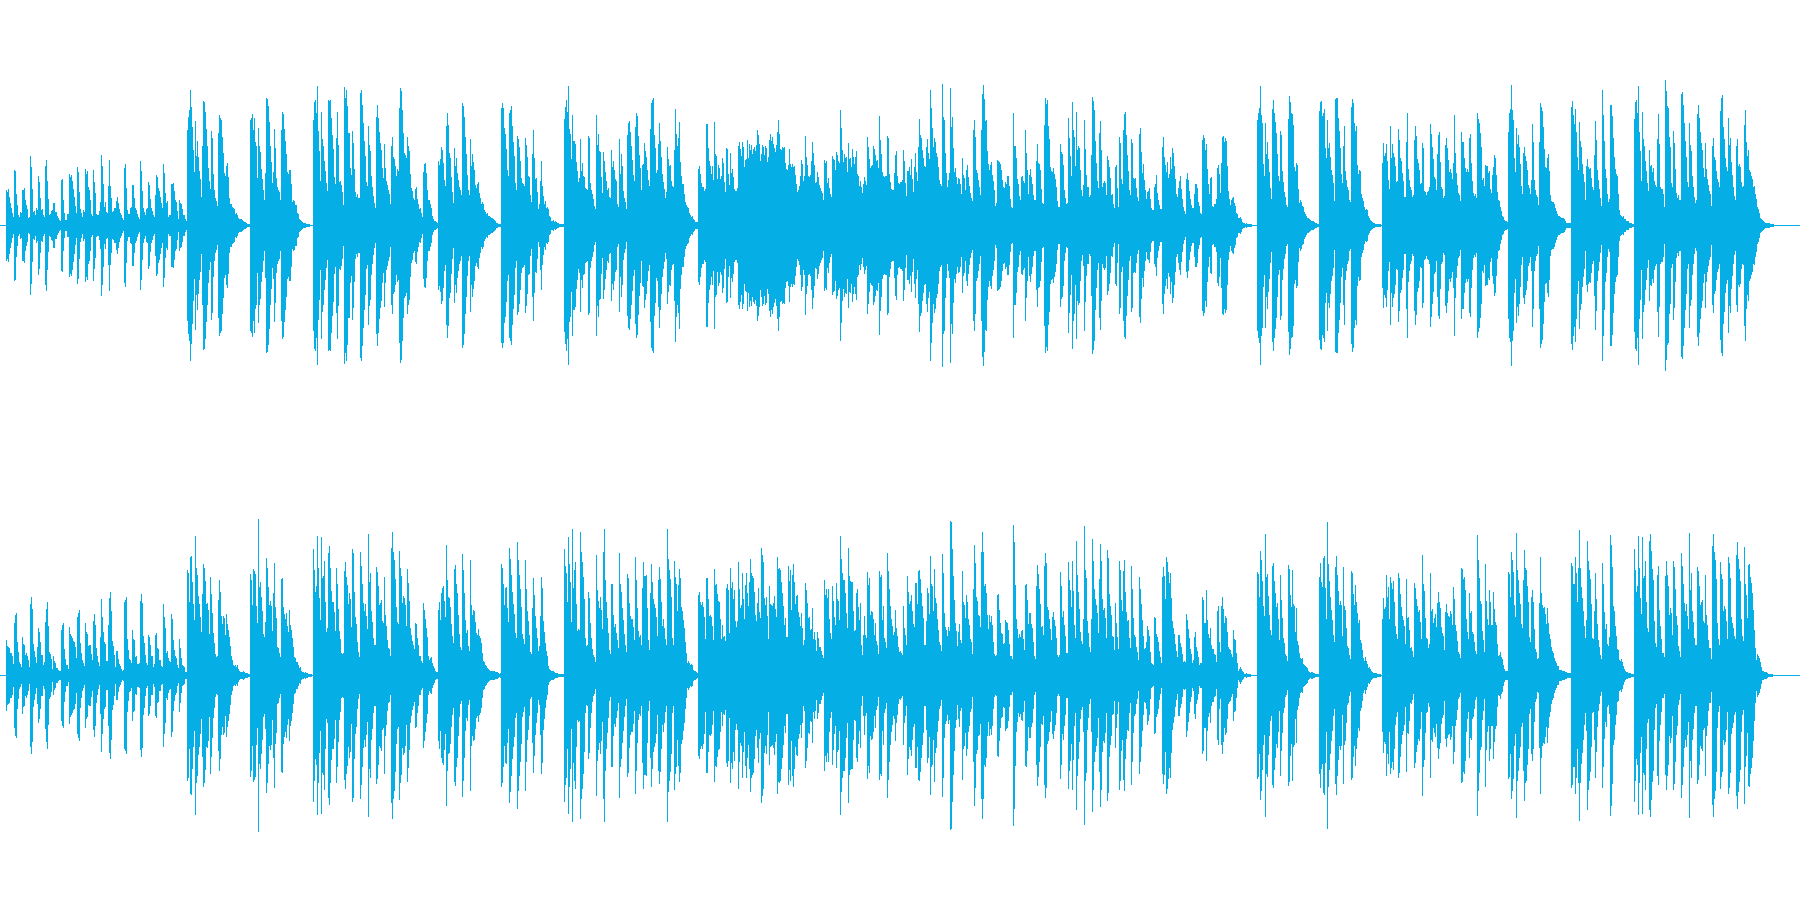 ピアノとシロフォンの可愛くのんびりした曲の再生済みの波形